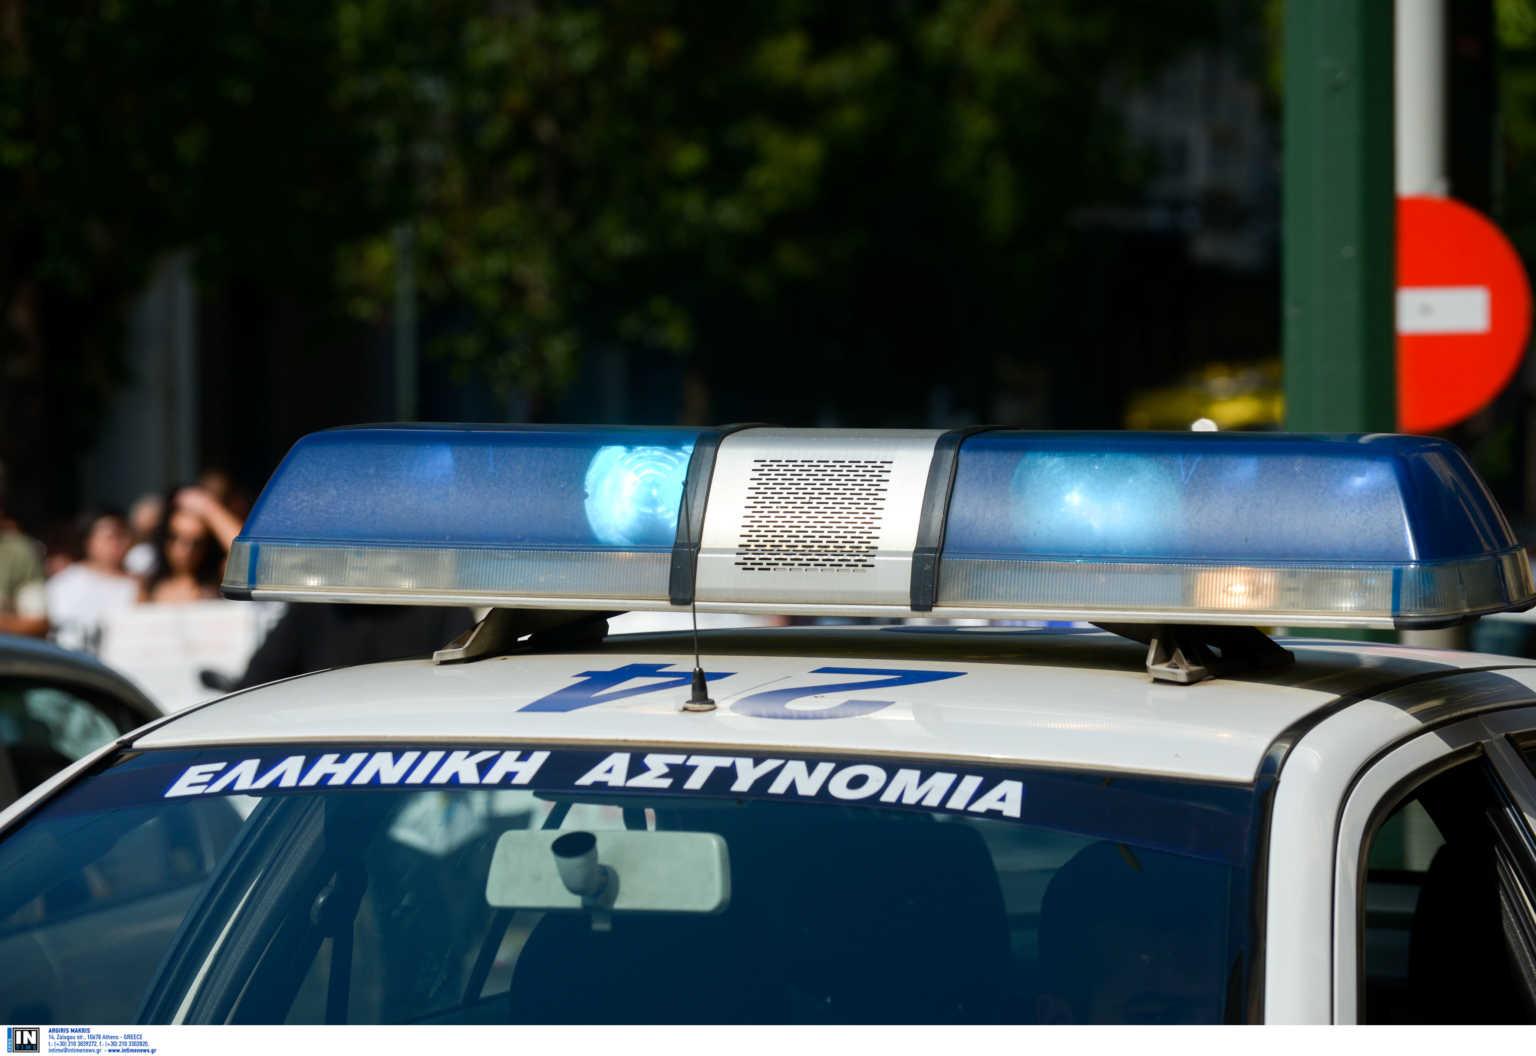 Αλμυρός: Ηλικιωμένος πήγε να πάρει δανεικά και του επιβλήθηκε 150 ευρώ πρόστιμο!